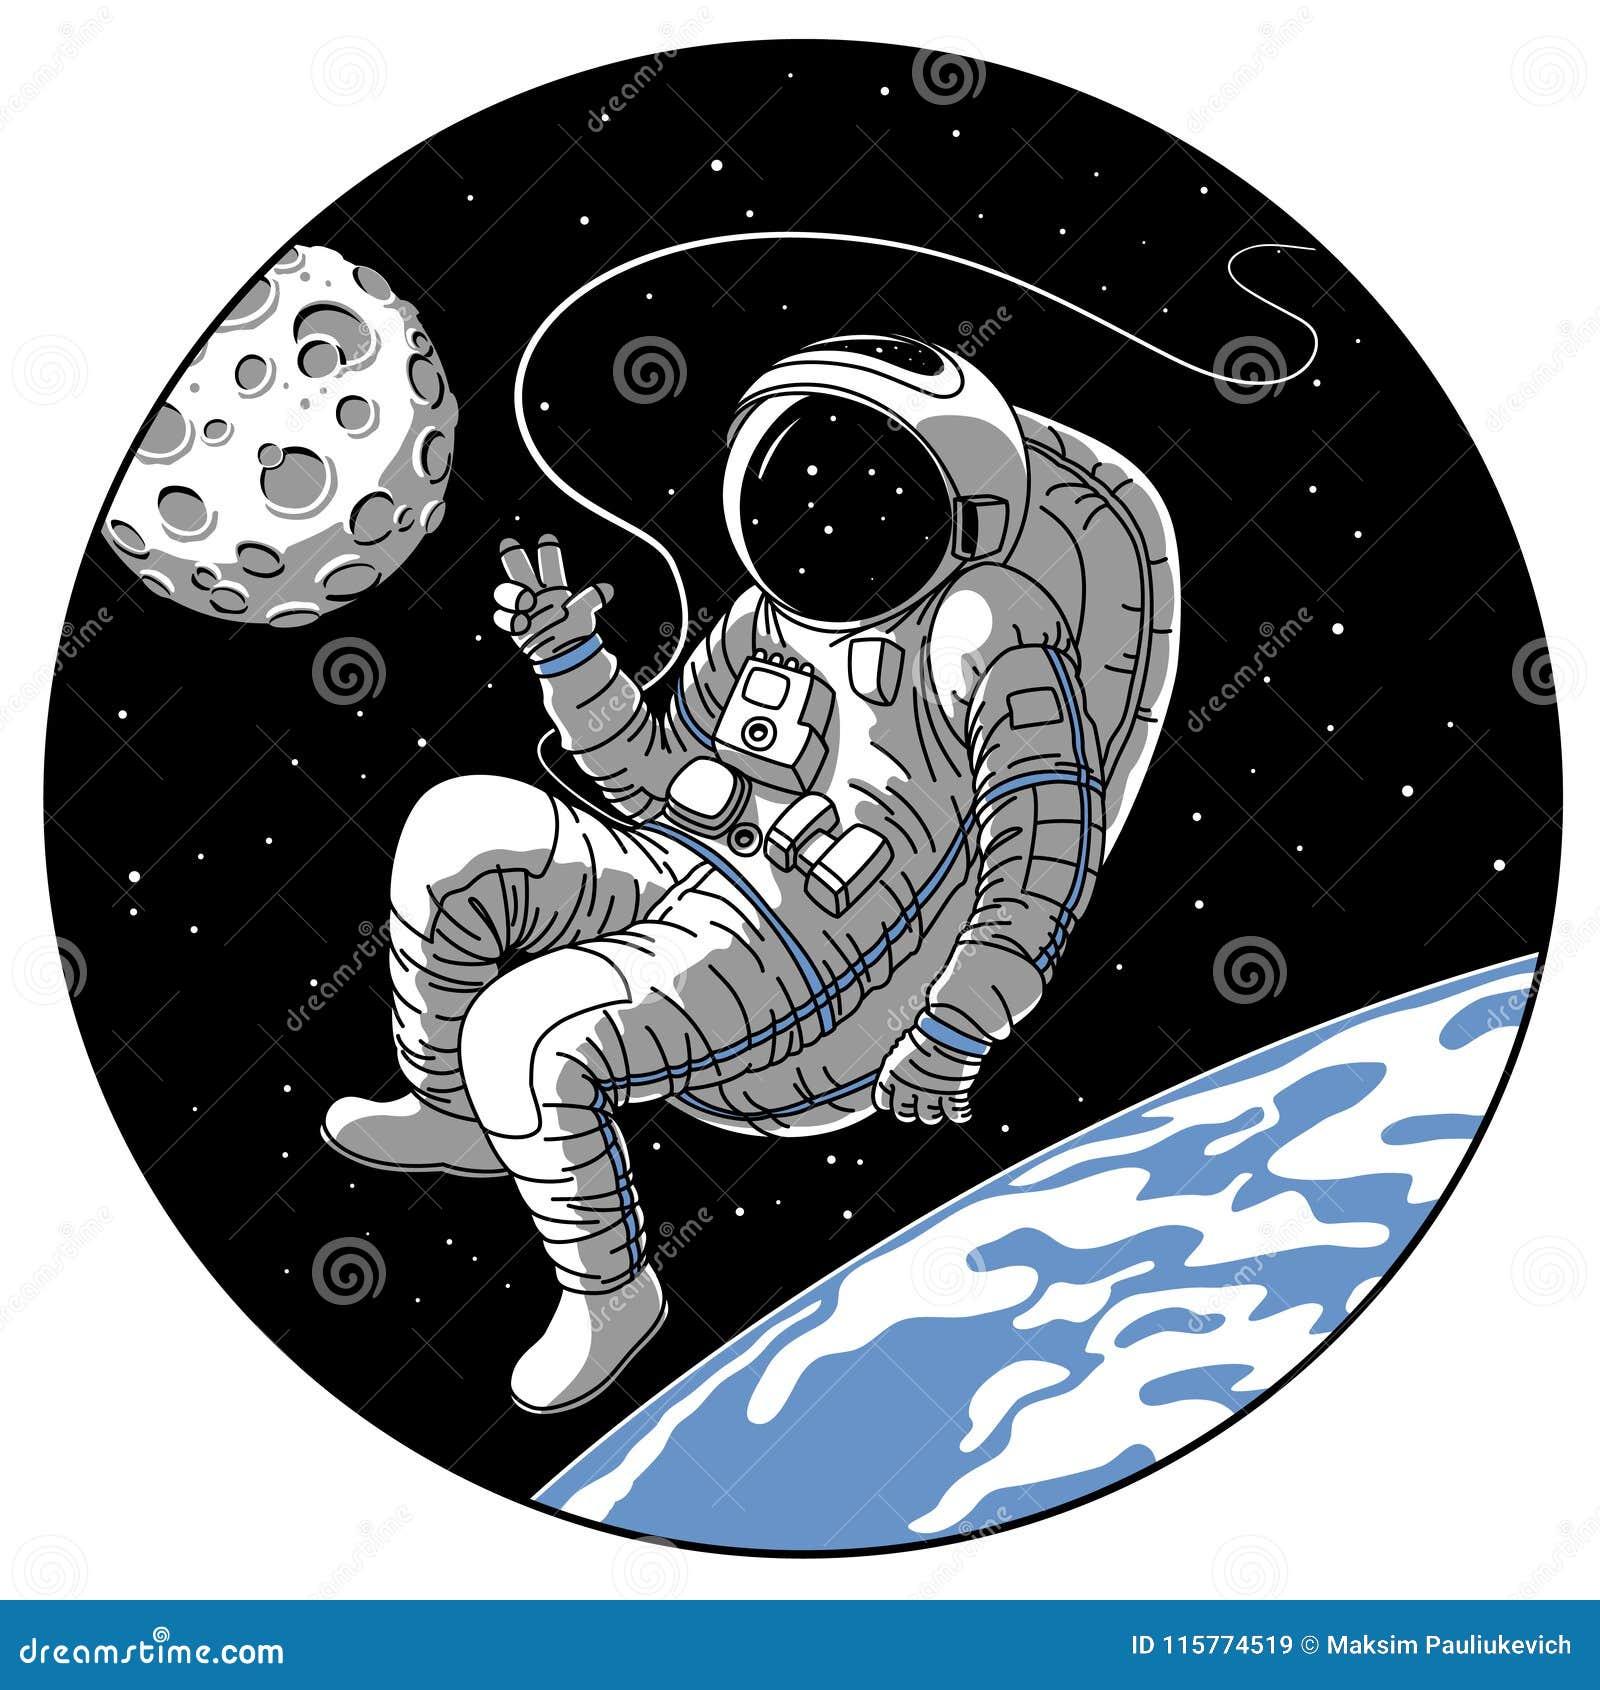 Astronaut or cosmonaut in open space vector sketch illustration